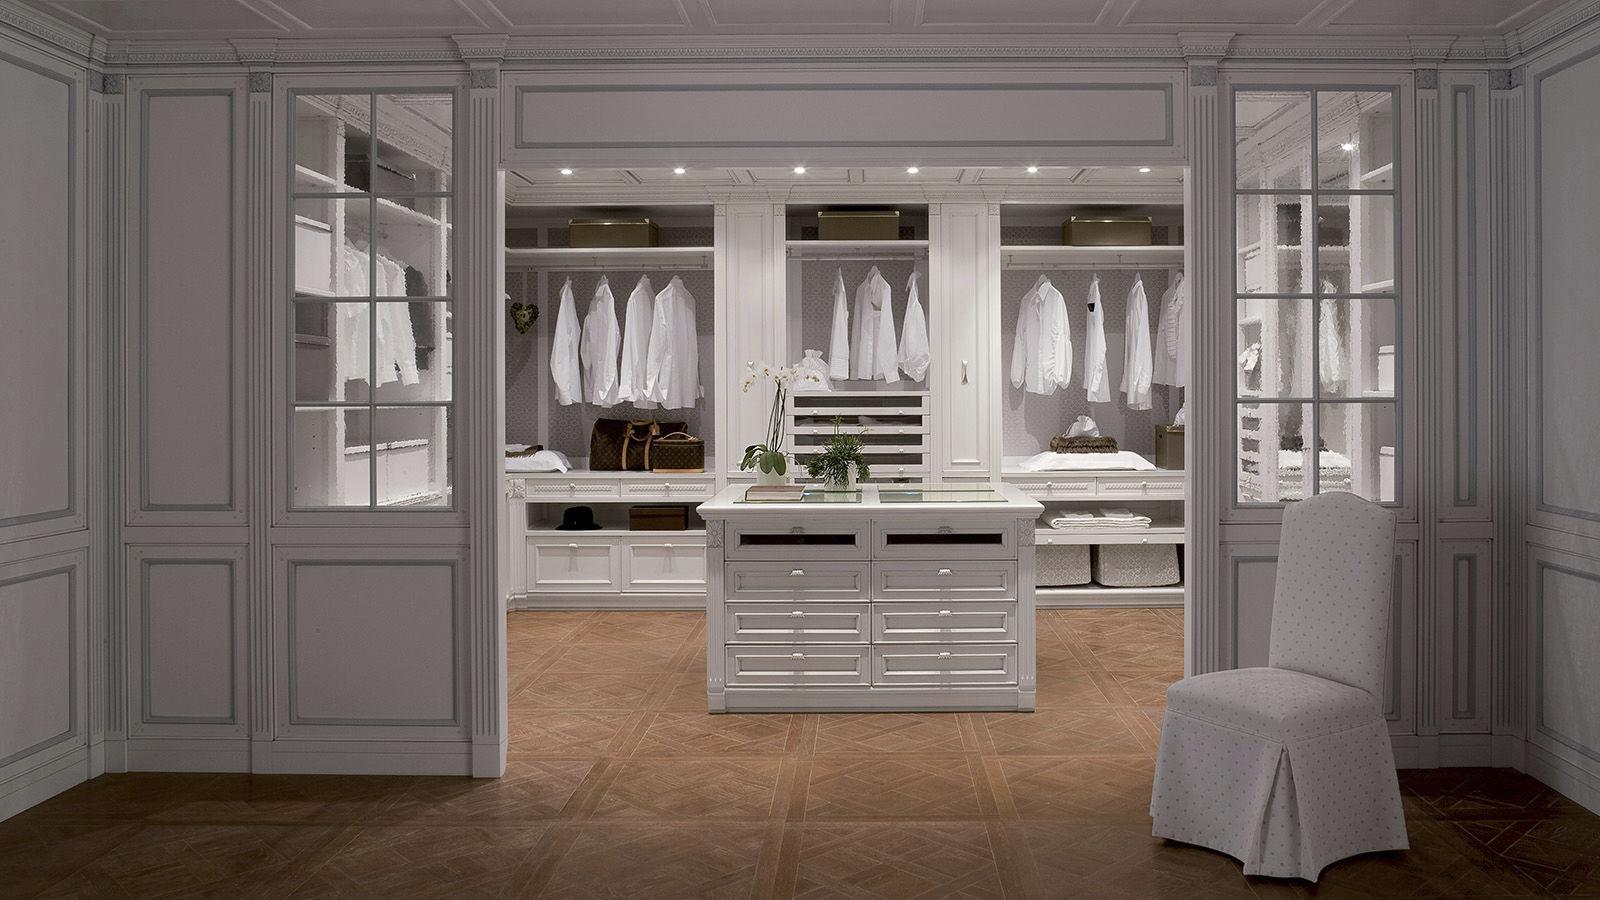 Credenza Con Cucina Incorporata : Cabina armadio ad angolo classica in legno laccato con